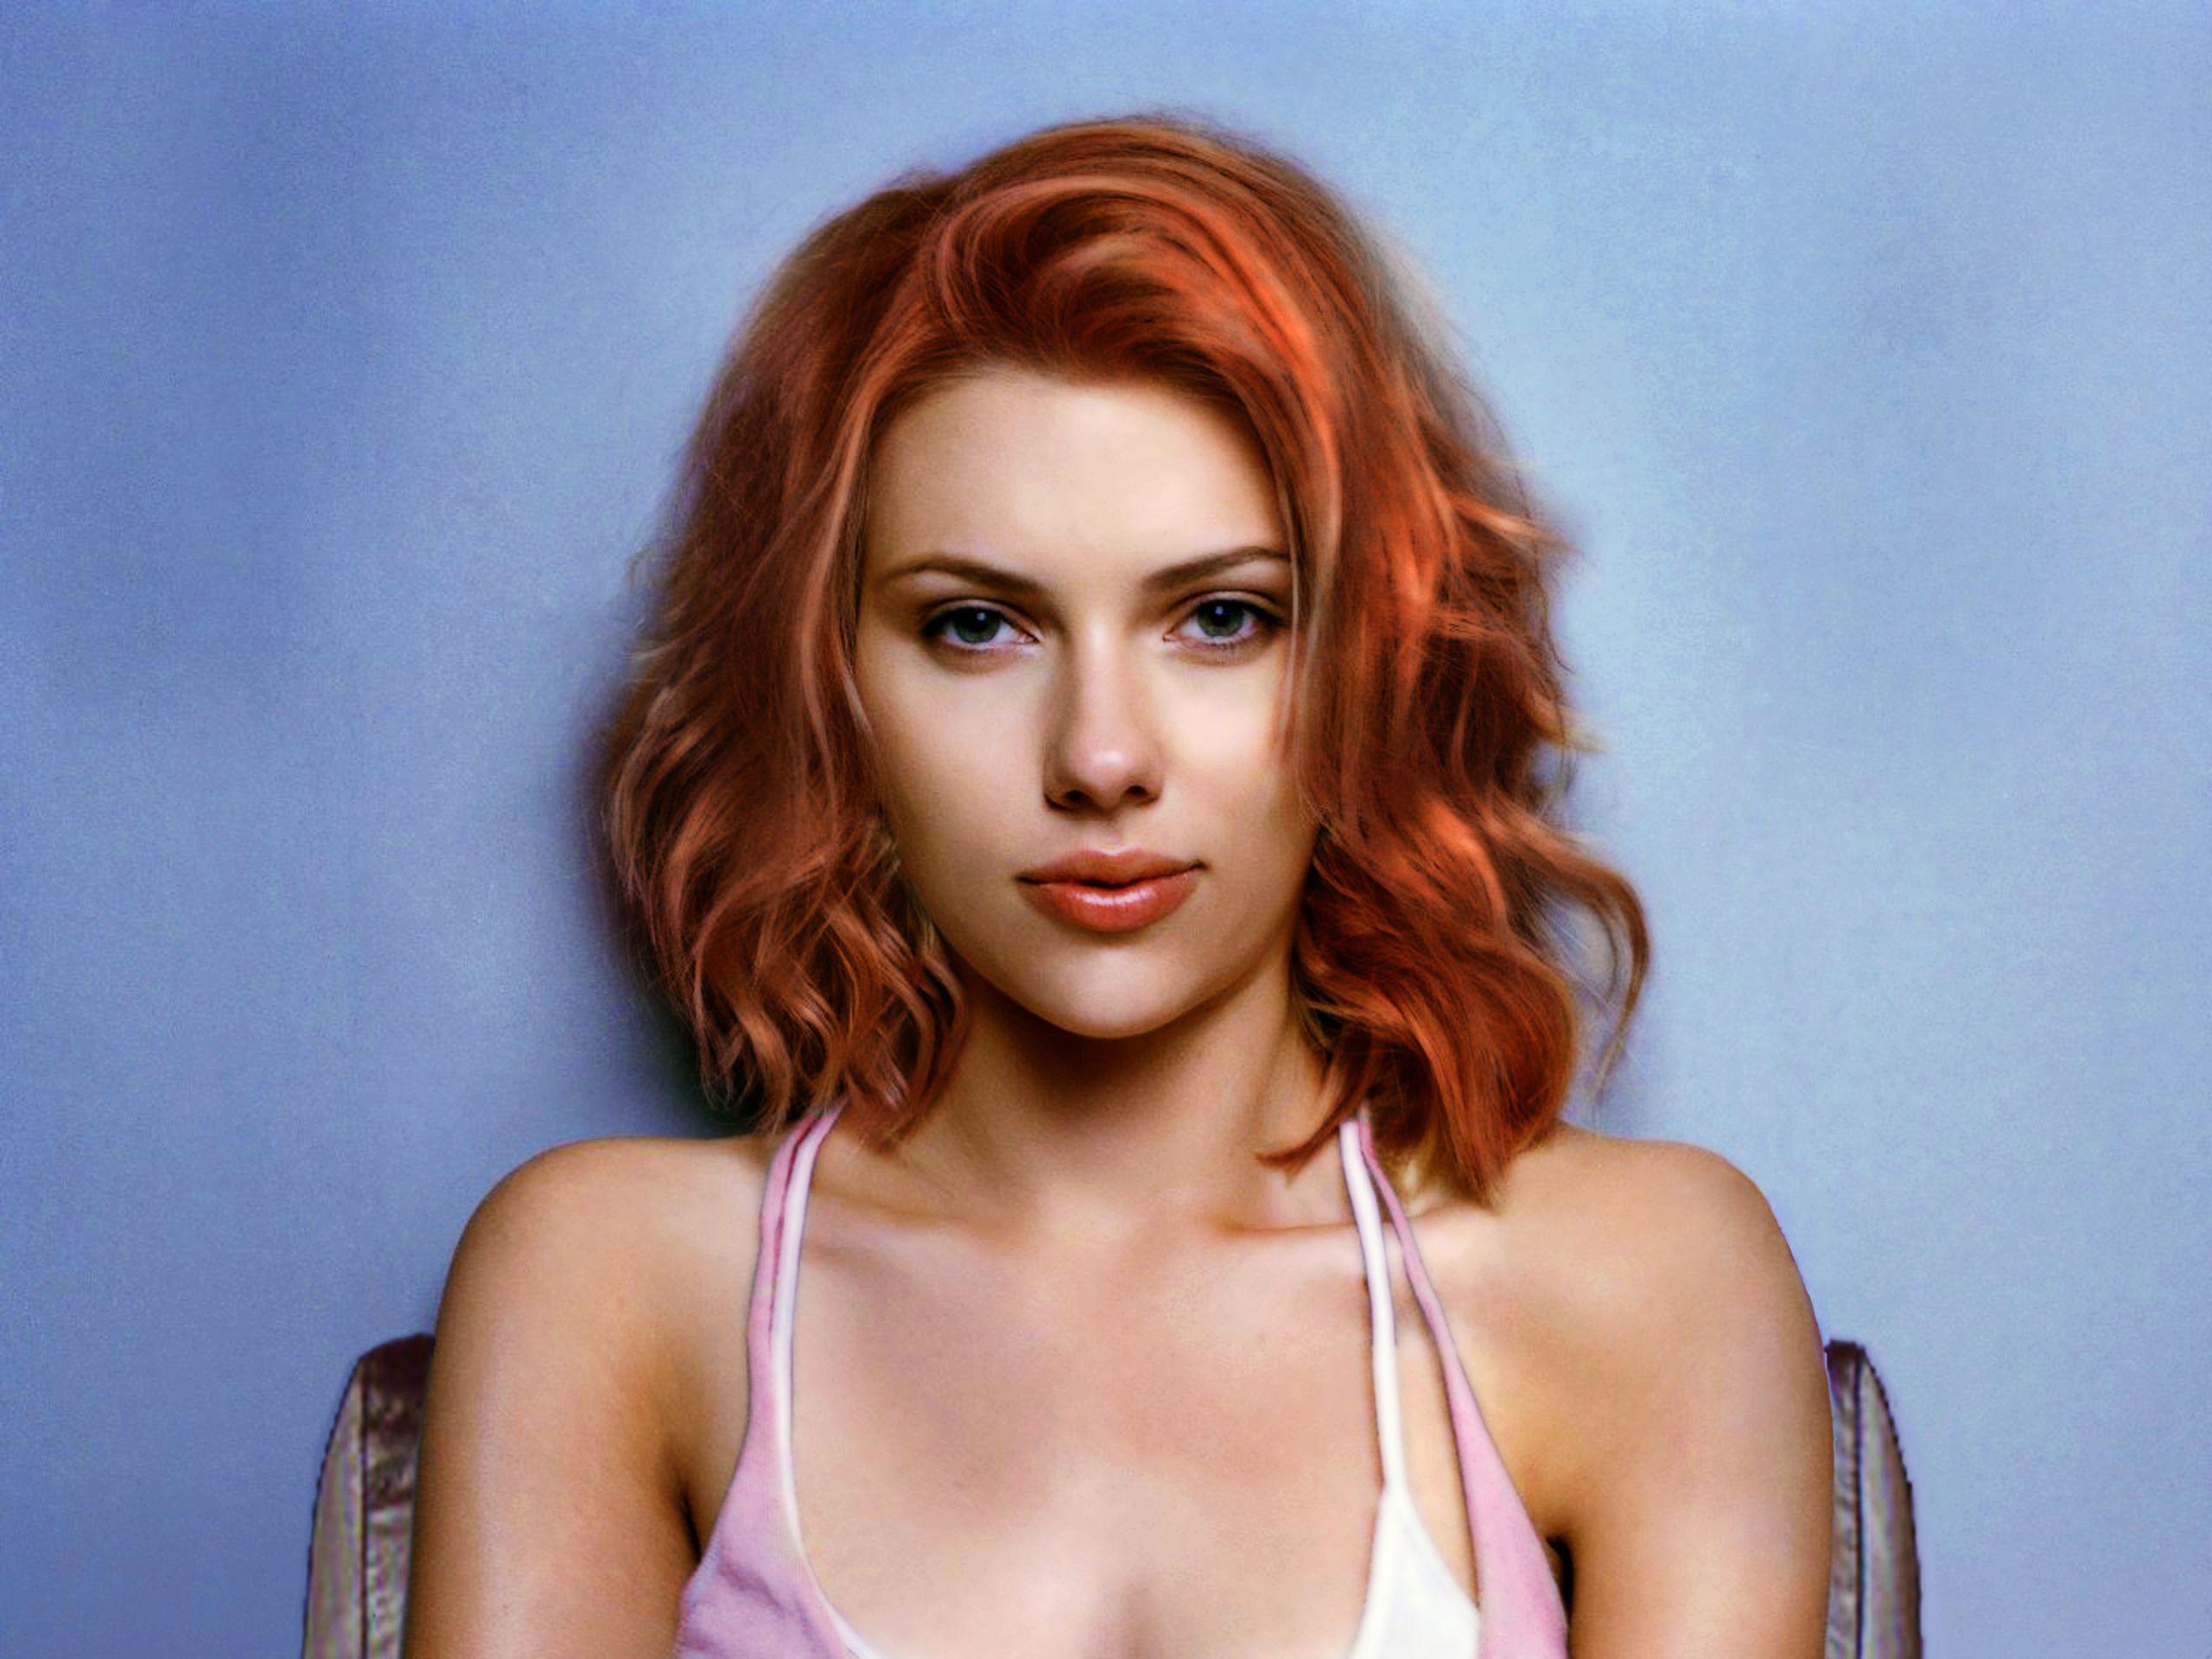 Aimee busty redhead milf